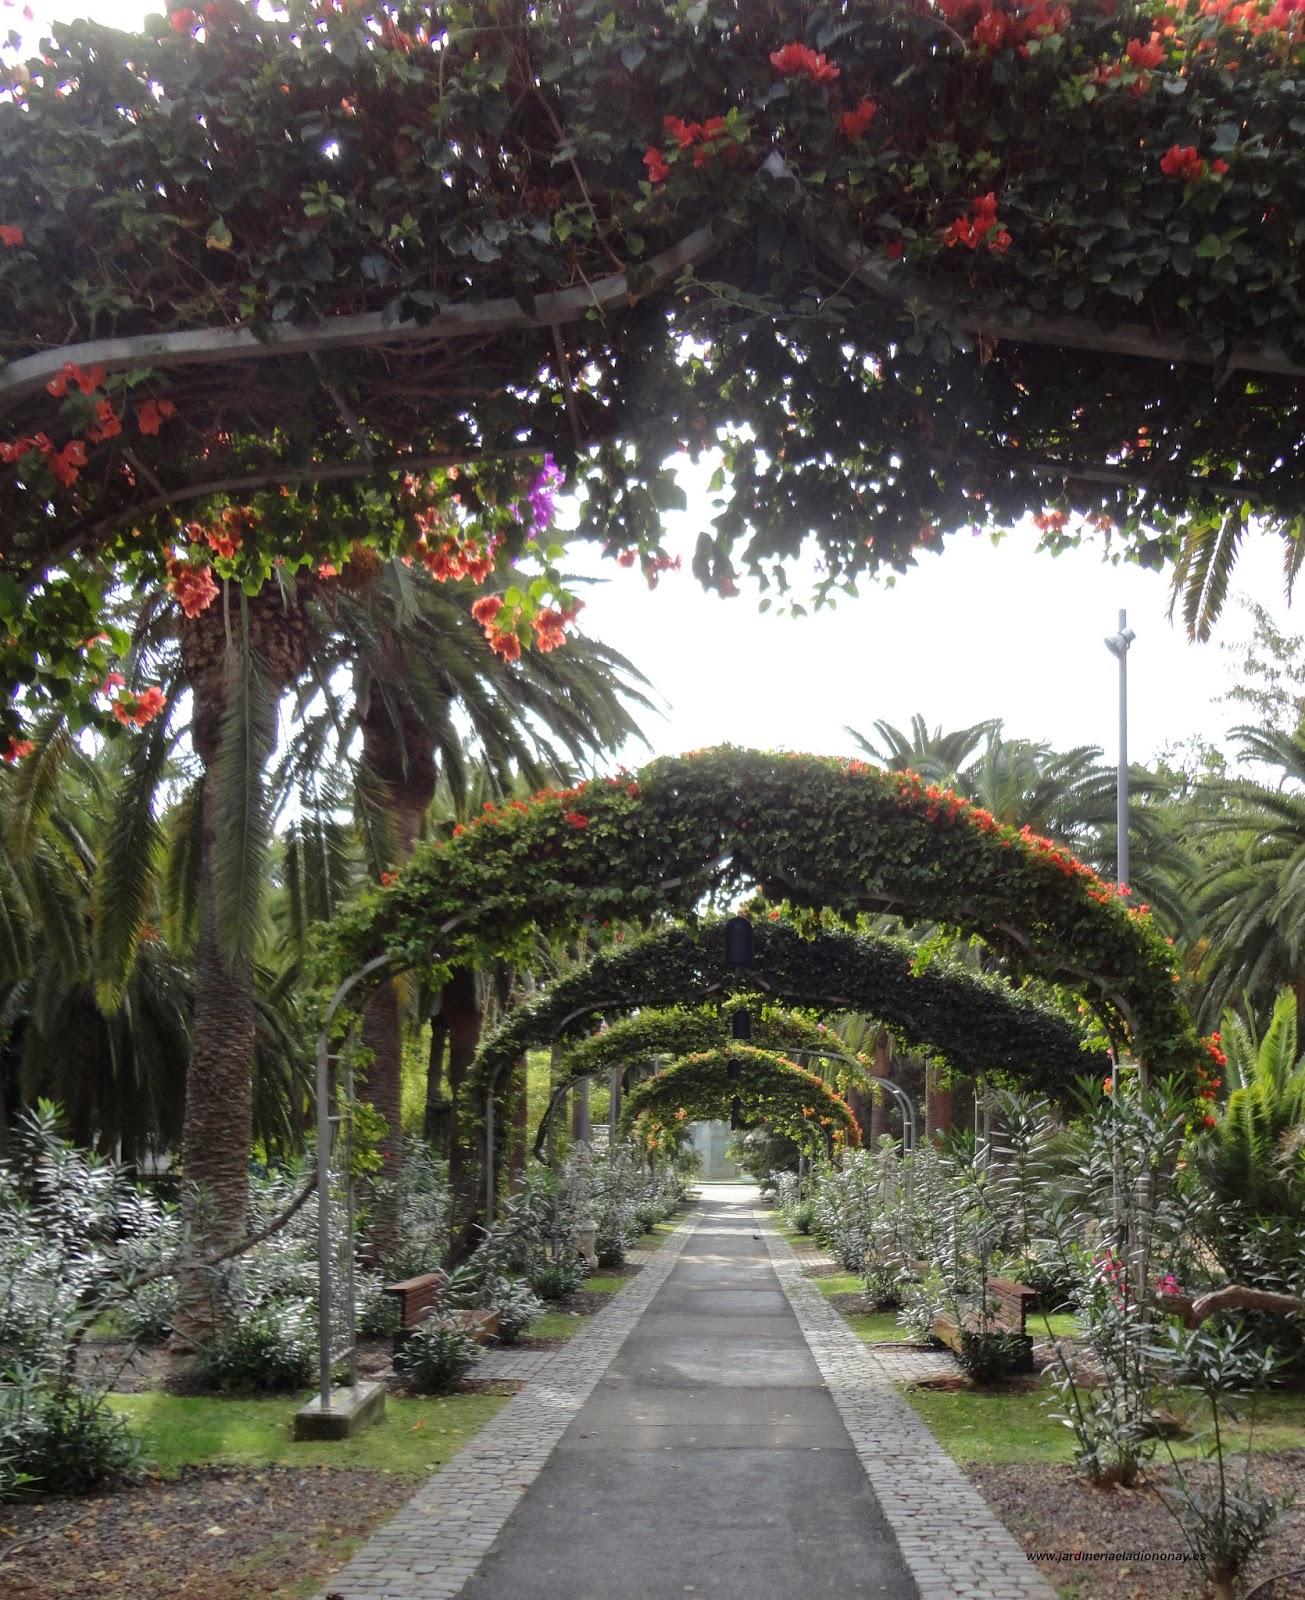 Jardineria eladio nonay arcos en jardiner a jardiner a for Arcos de jardin